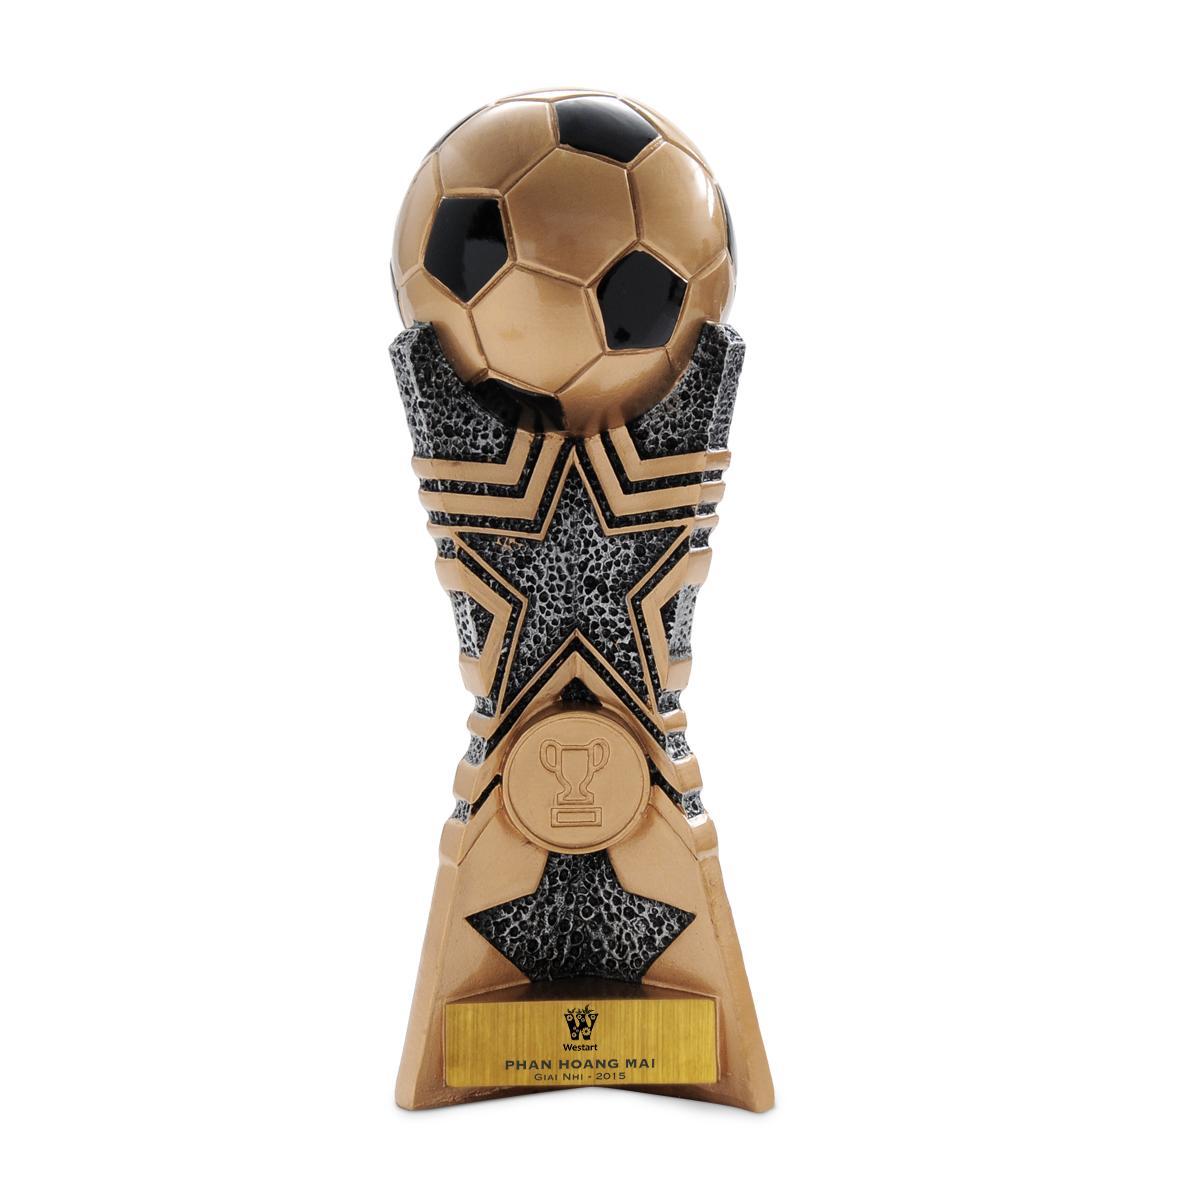 Hình ảnh Cúp bóng đá trái bóng Interleisure 13066A 17.5cm